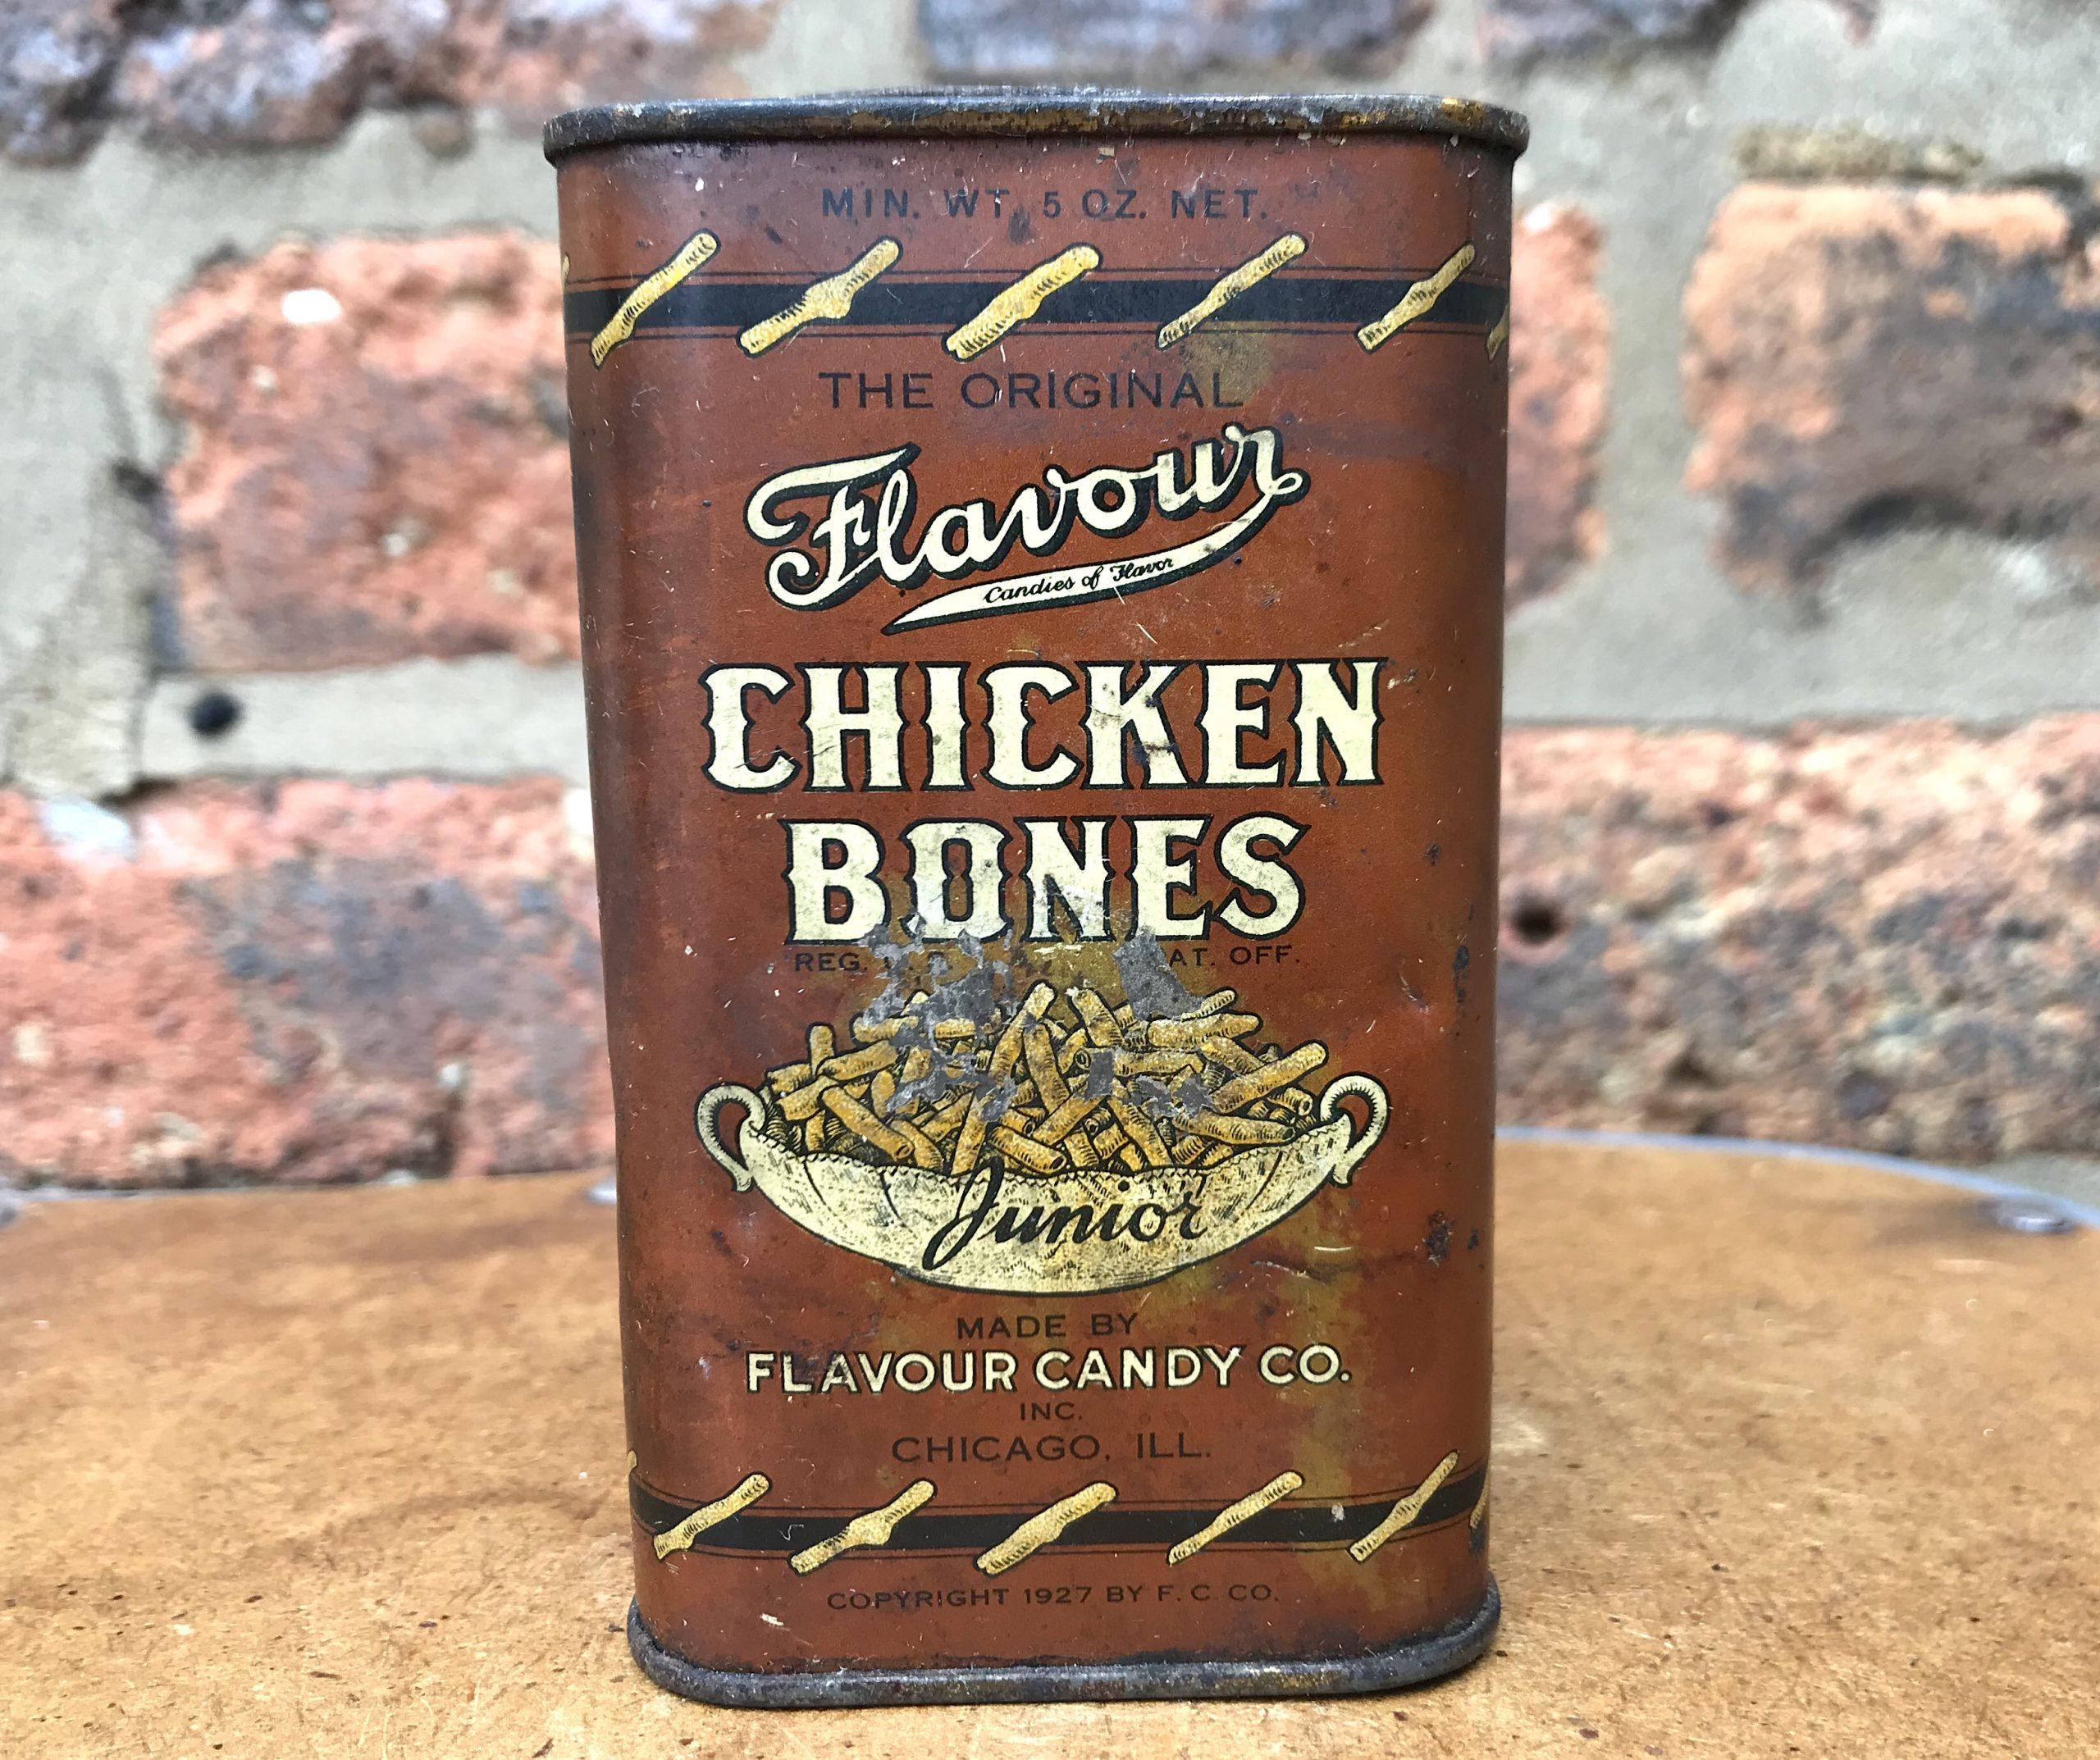 Flavour Candy Company, est. 1925